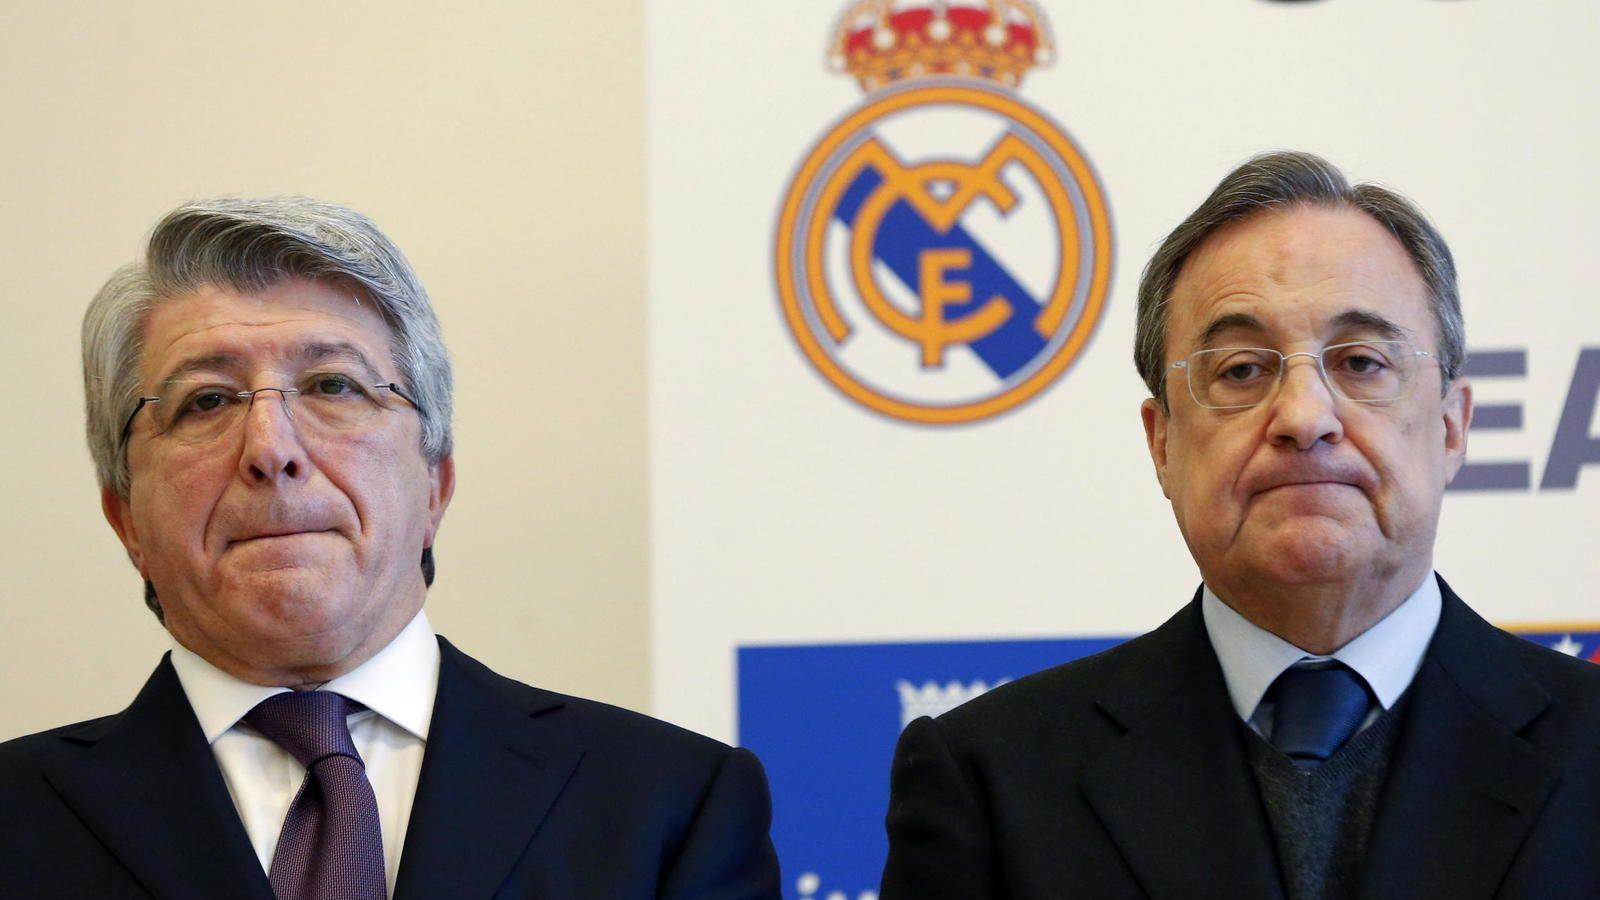 Imagen de Enrique Cerezo y Florentino Pérez. EFE